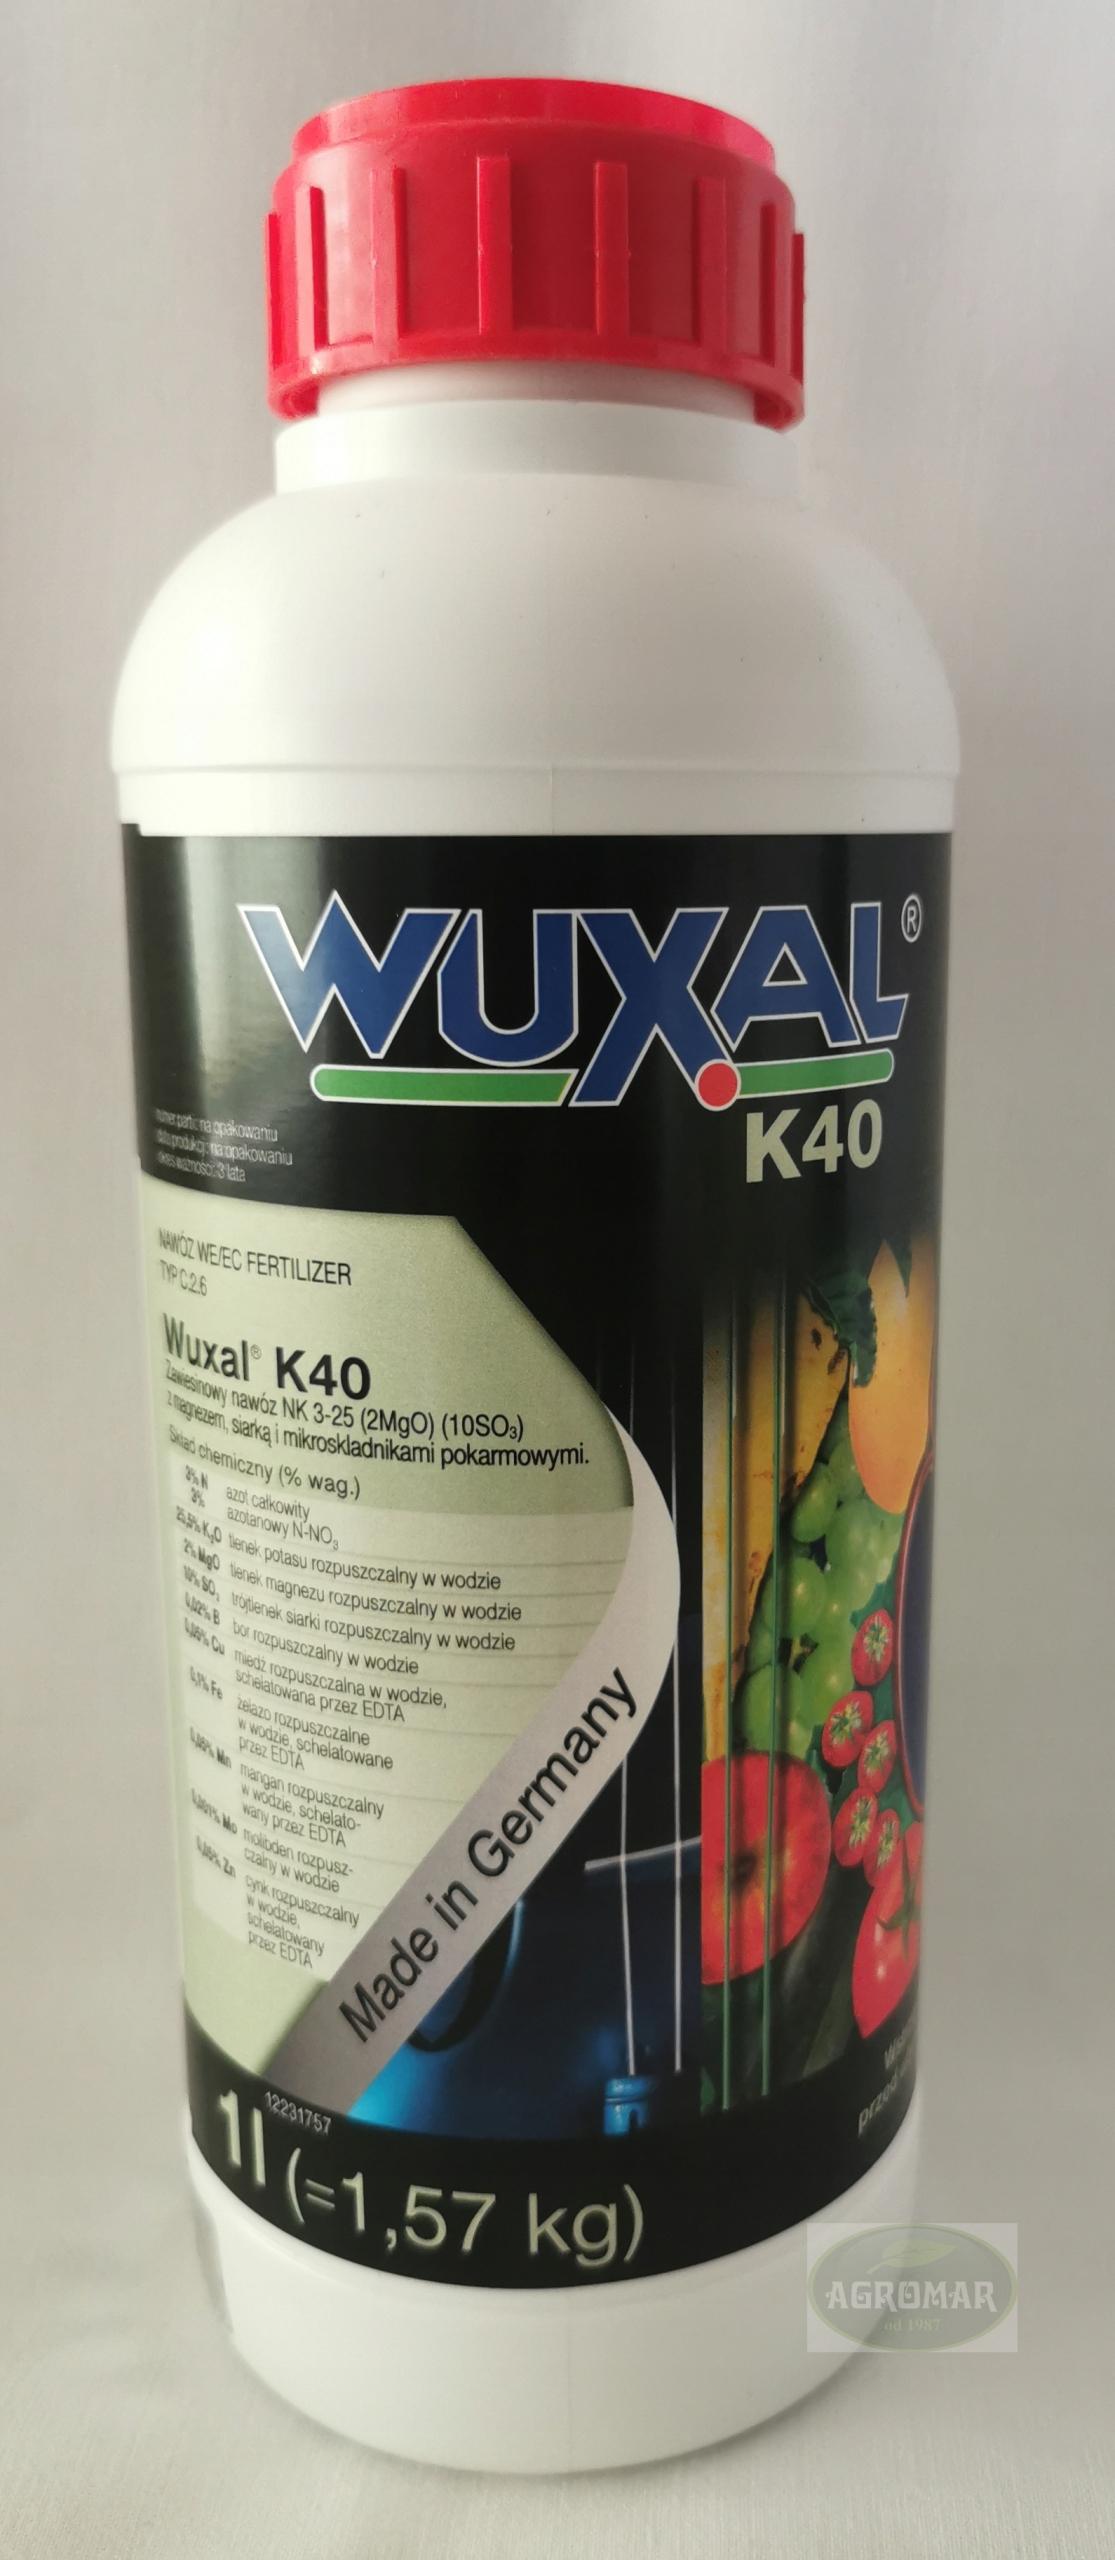 Улучшение качества сельскохозяйственных культур - Wuxal K40 1l